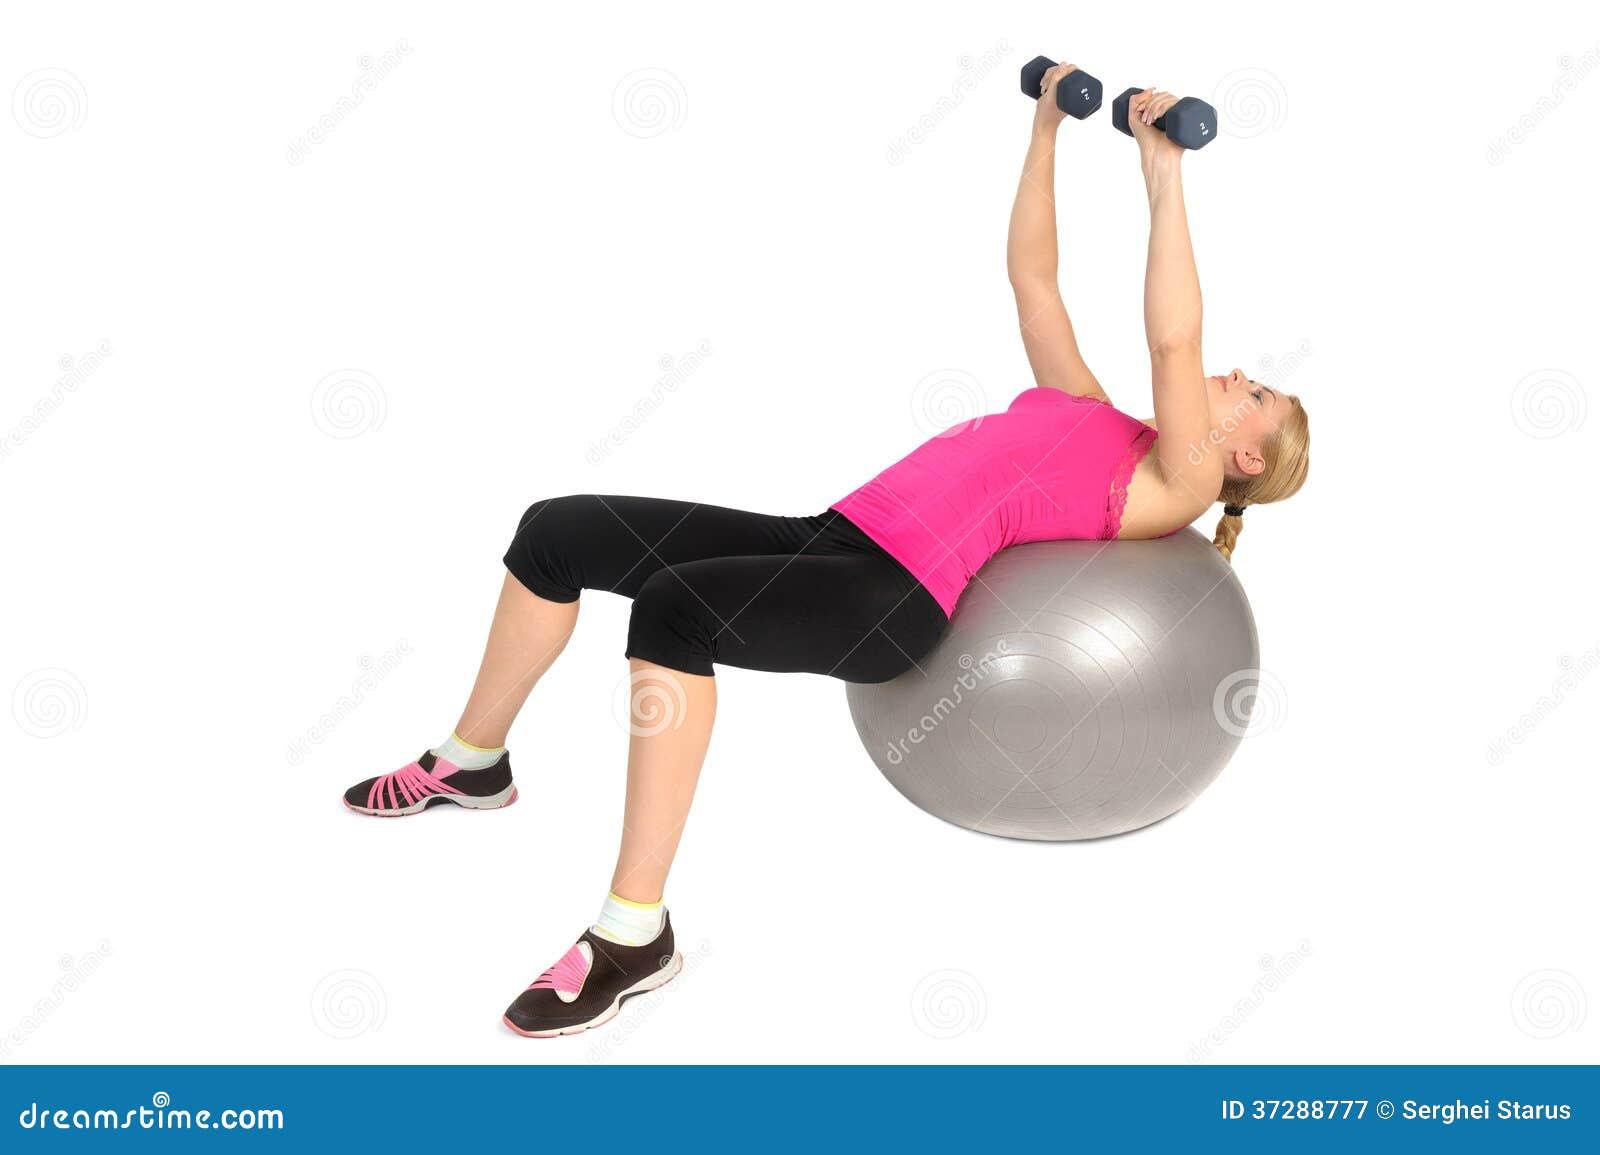 Dummkopf-Kasten-Fliege auf Stabilitäts-Eignungs-Ball-Übung